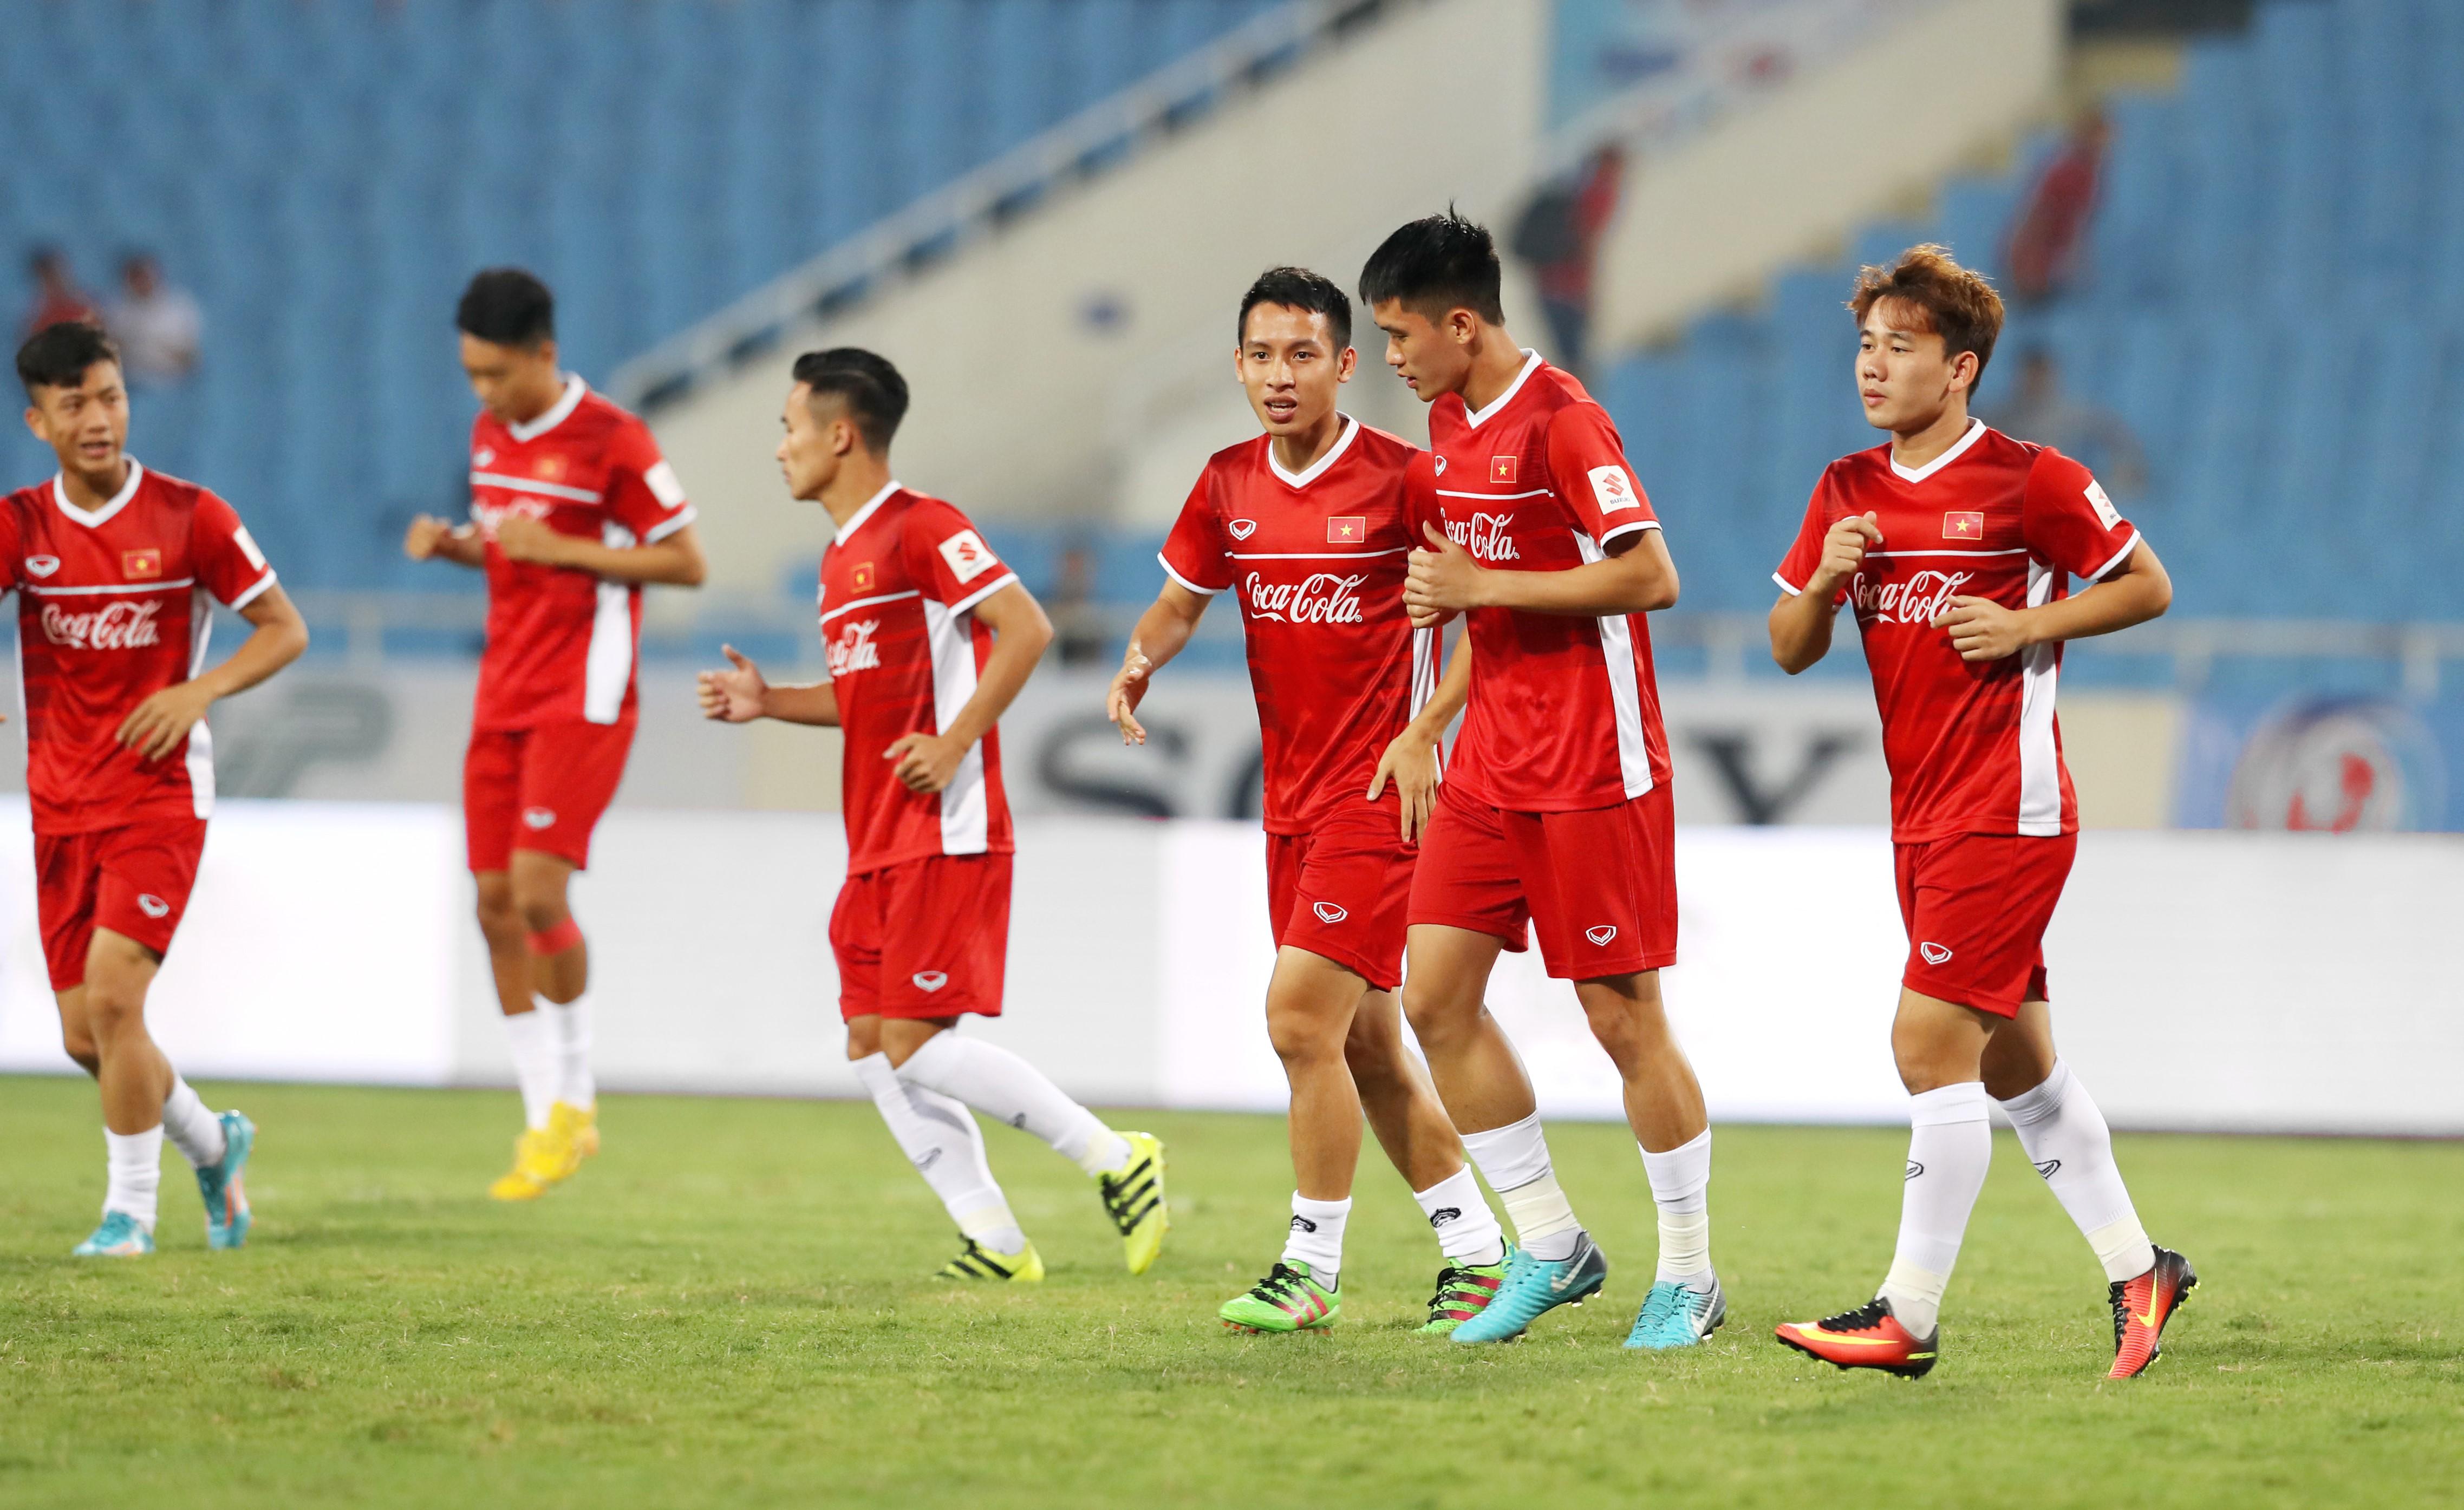 Coca-Cola tiếp lửa cho đội tuyển với lon Việt Nam vô địch bằng vàng - Ảnh 1.